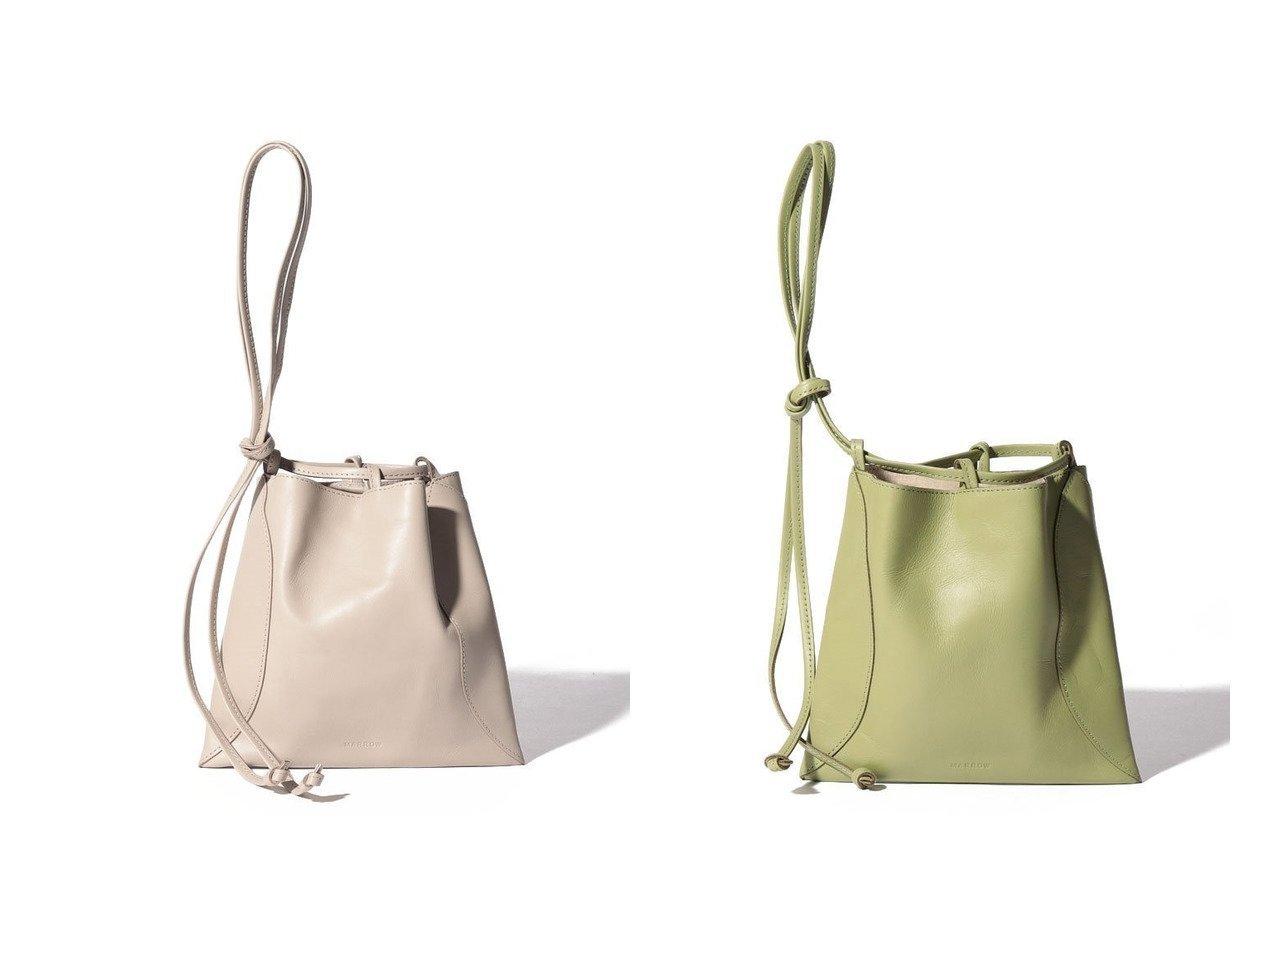 【allureville/アルアバイル】の【MARROW(マロウ)】 PILLOW3 バッグ・鞄のおすすめ!人気トレンド・レディースファッションの通販 おすすめで人気のファッション通販商品 インテリア・家具・キッズファッション・メンズファッション・レディースファッション・服の通販 founy(ファニー) https://founy.com/ ファッション Fashion レディース WOMEN ストリング ハンドバッグ リアル ワンポイント 巾着  ID:crp329100000006094